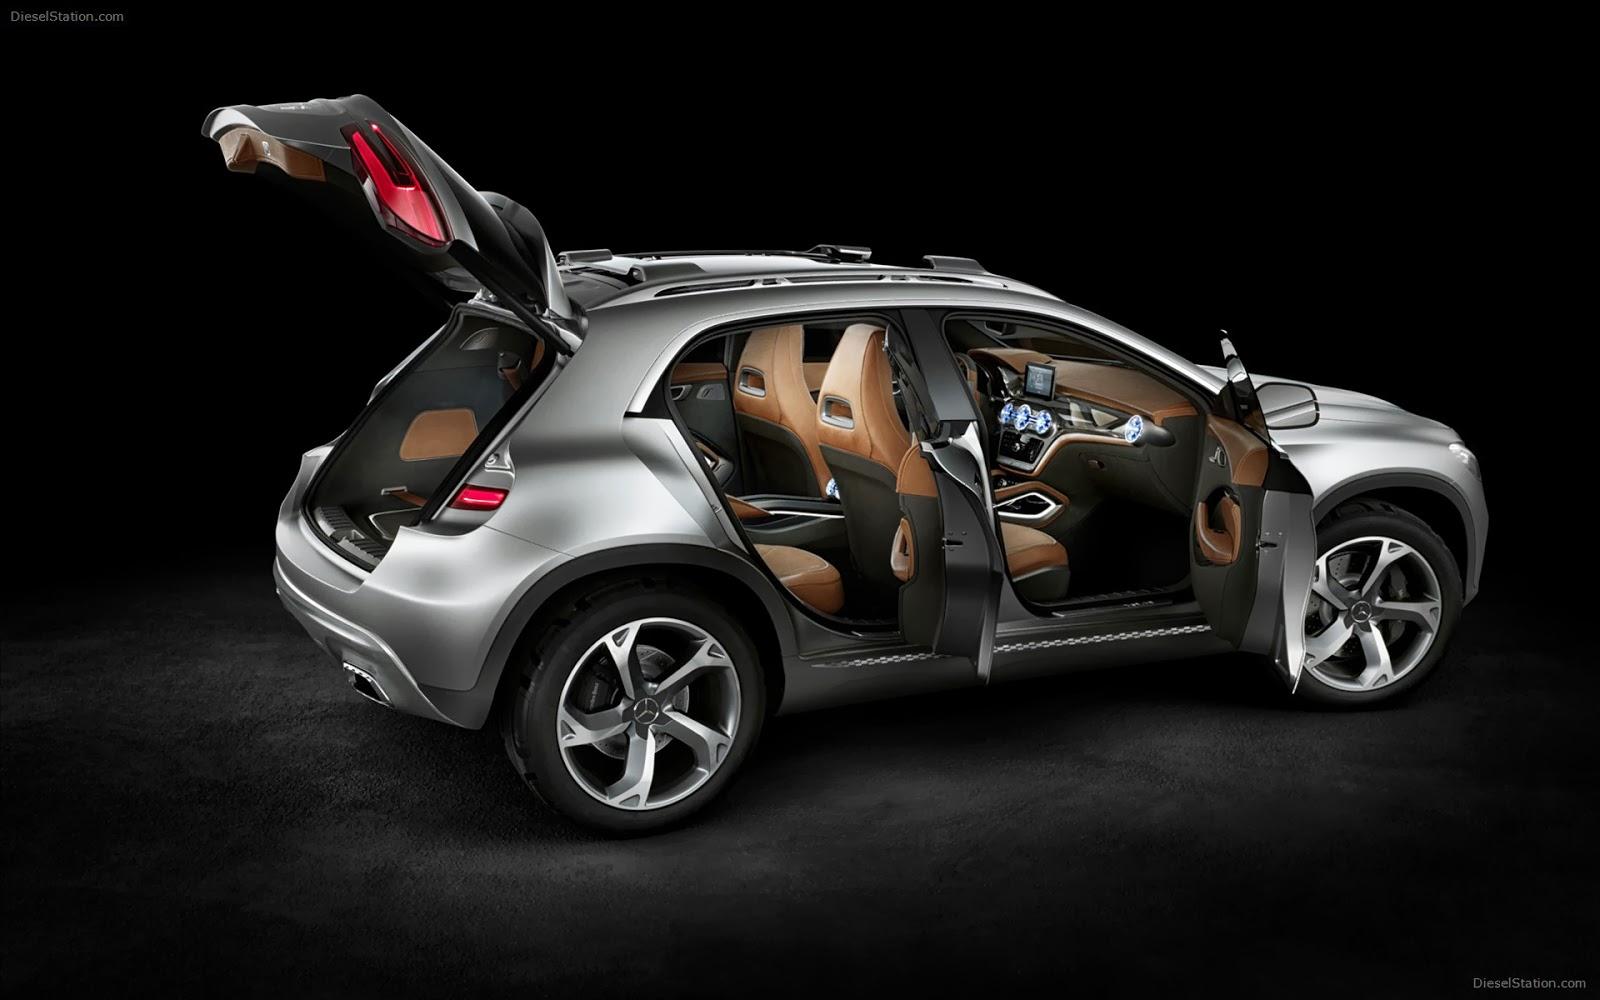 Marcedez Benz GLA Concept